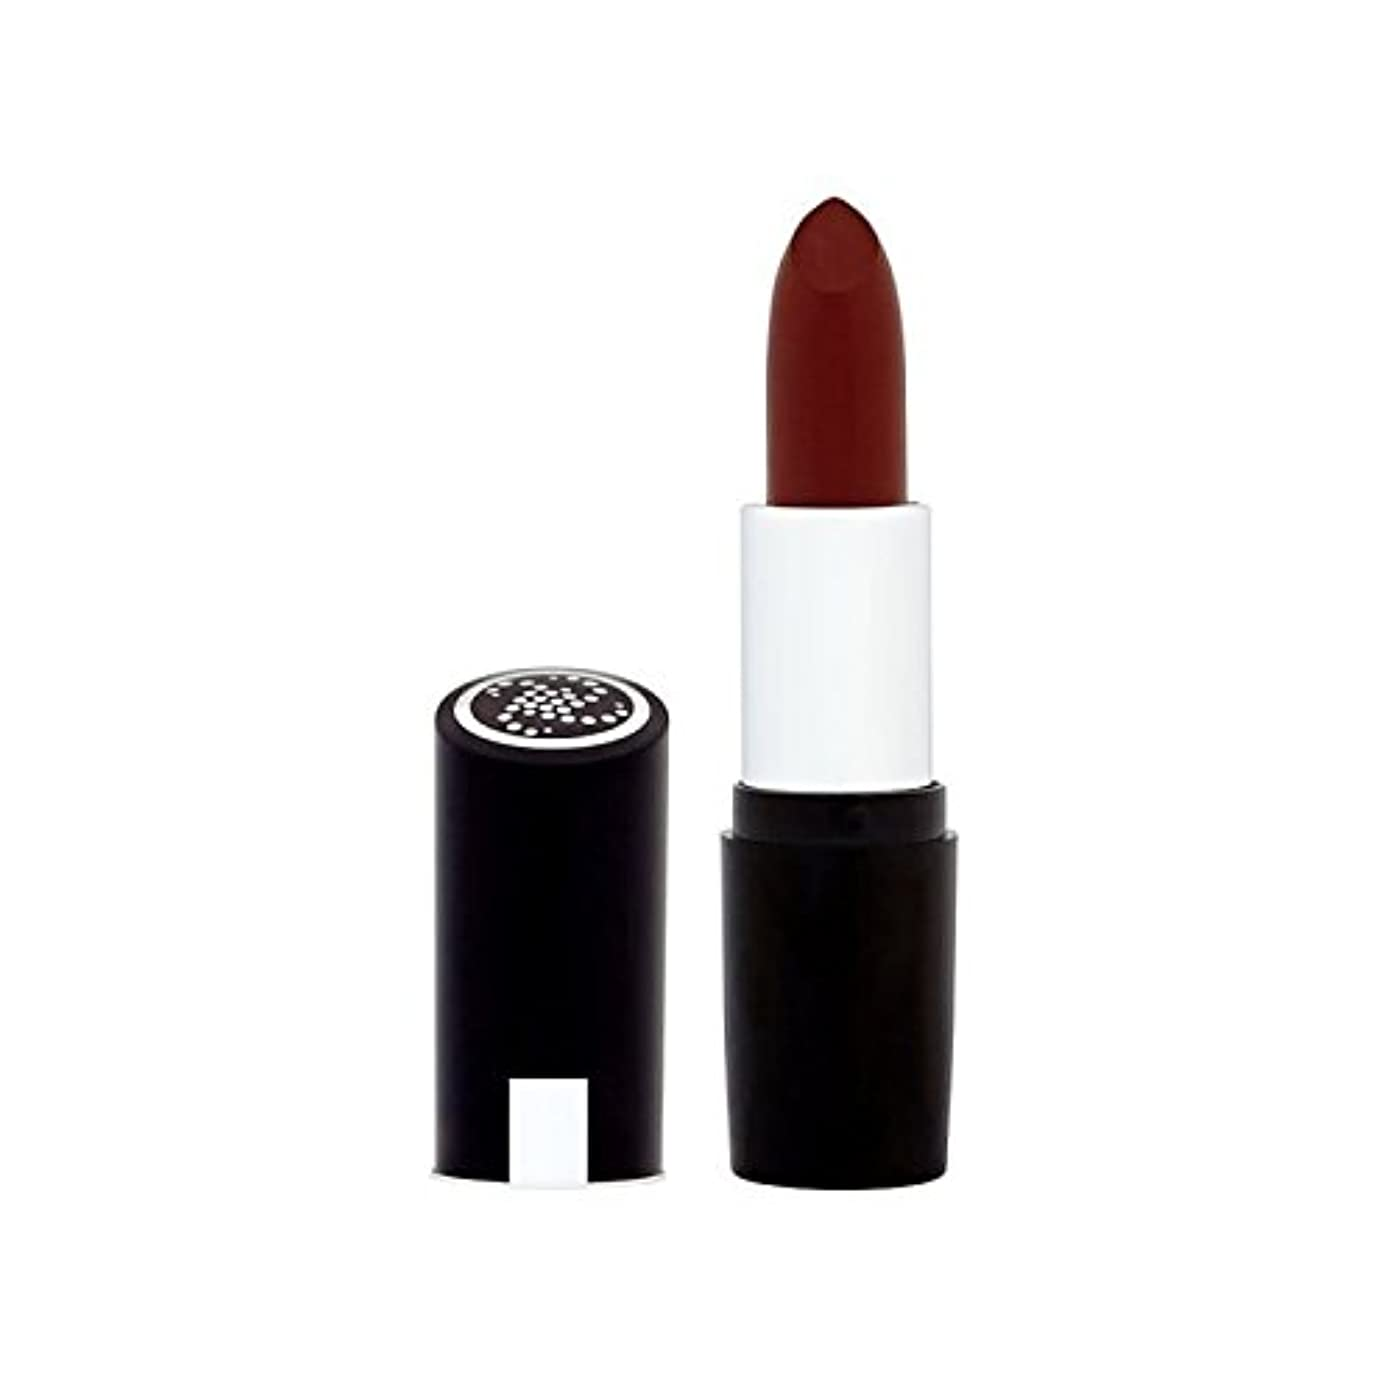 爪ありがたいしてはいけないCollection Lasting Colour Lipstick Fig Delight 10 - コレクション持続的な色の口紅のイチジクの喜び10 [並行輸入品]